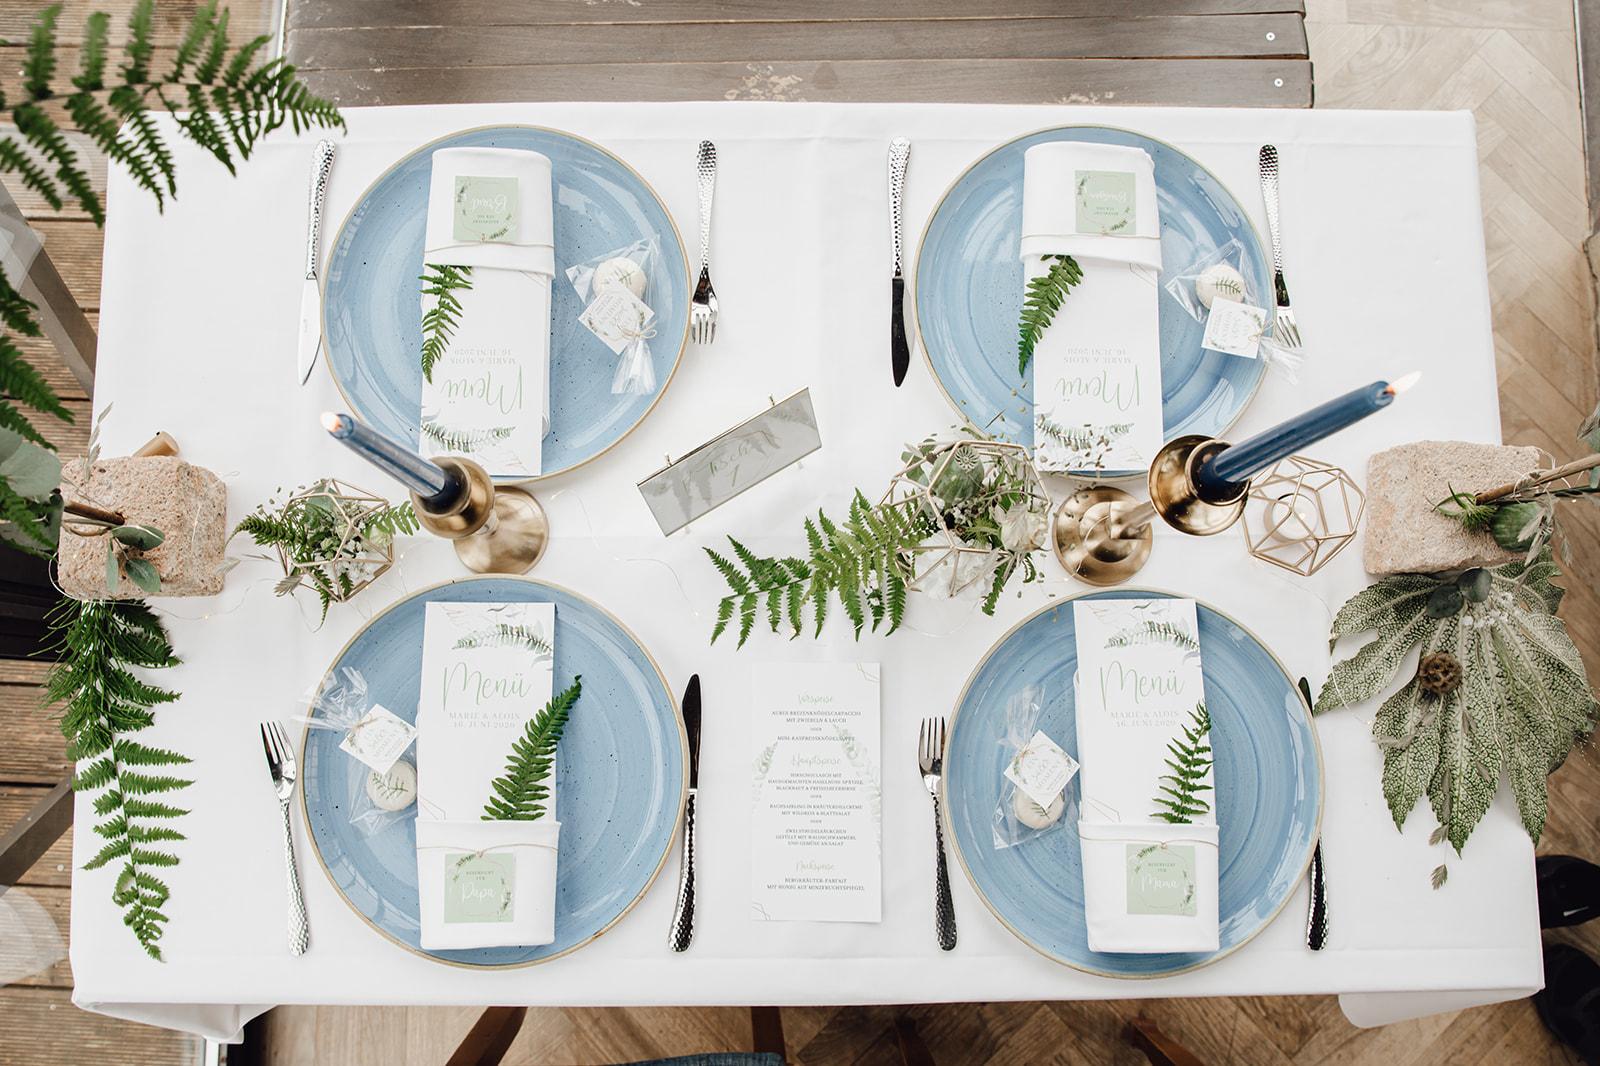 HeimArt Design Papeterie Chiemsee Hochzeit Greenery Wedding Macaron Tischdekoration Teller Menükarten Tischkarten Gastgeschenke Brauttisch